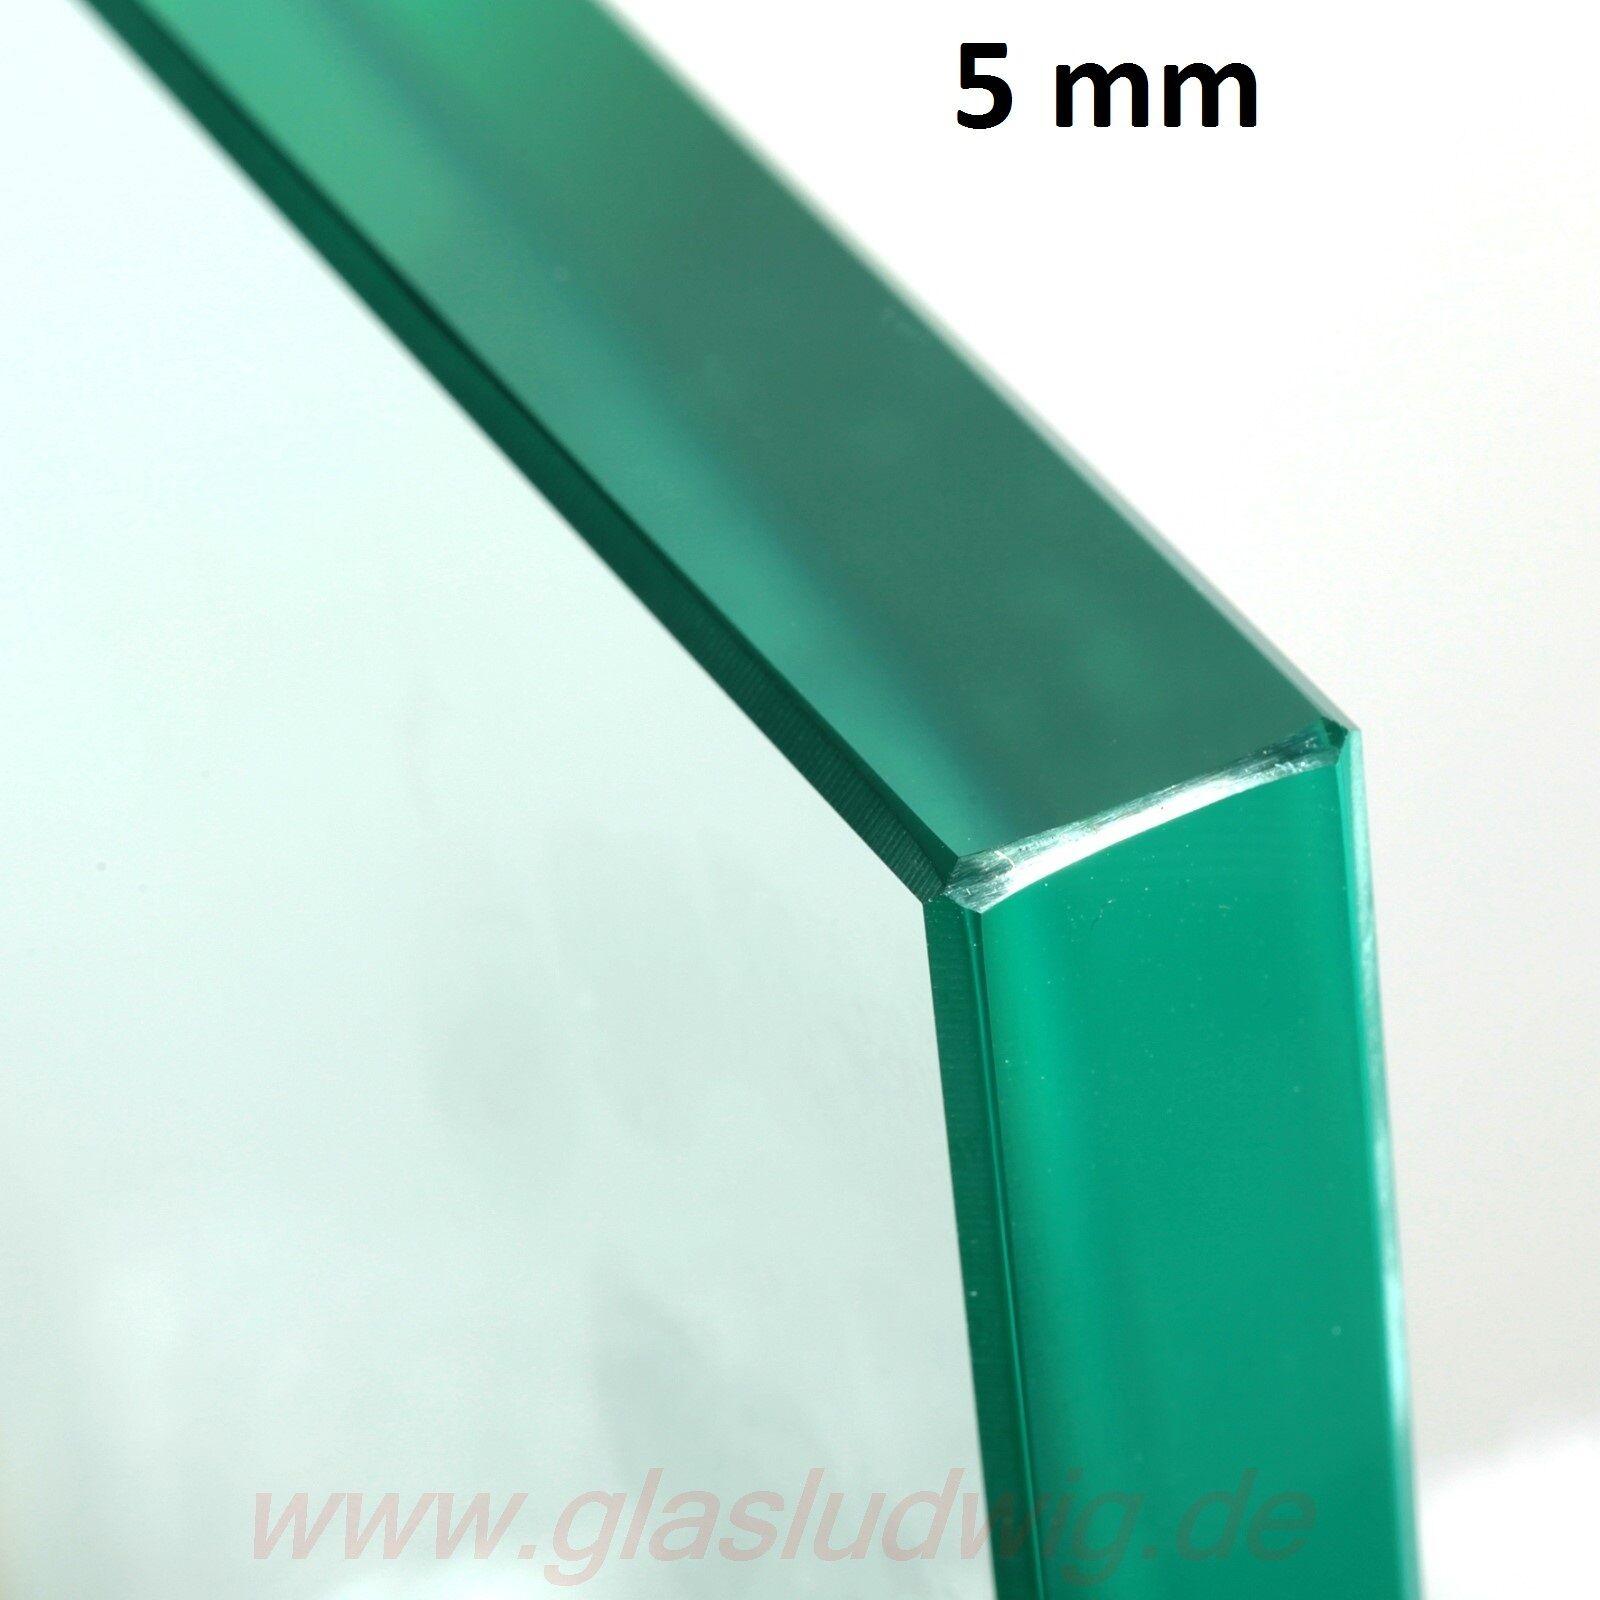 GLASPLATTE 5 mm ESG Sicherheitsglas poliert Wunsch-Maß ( /m²)